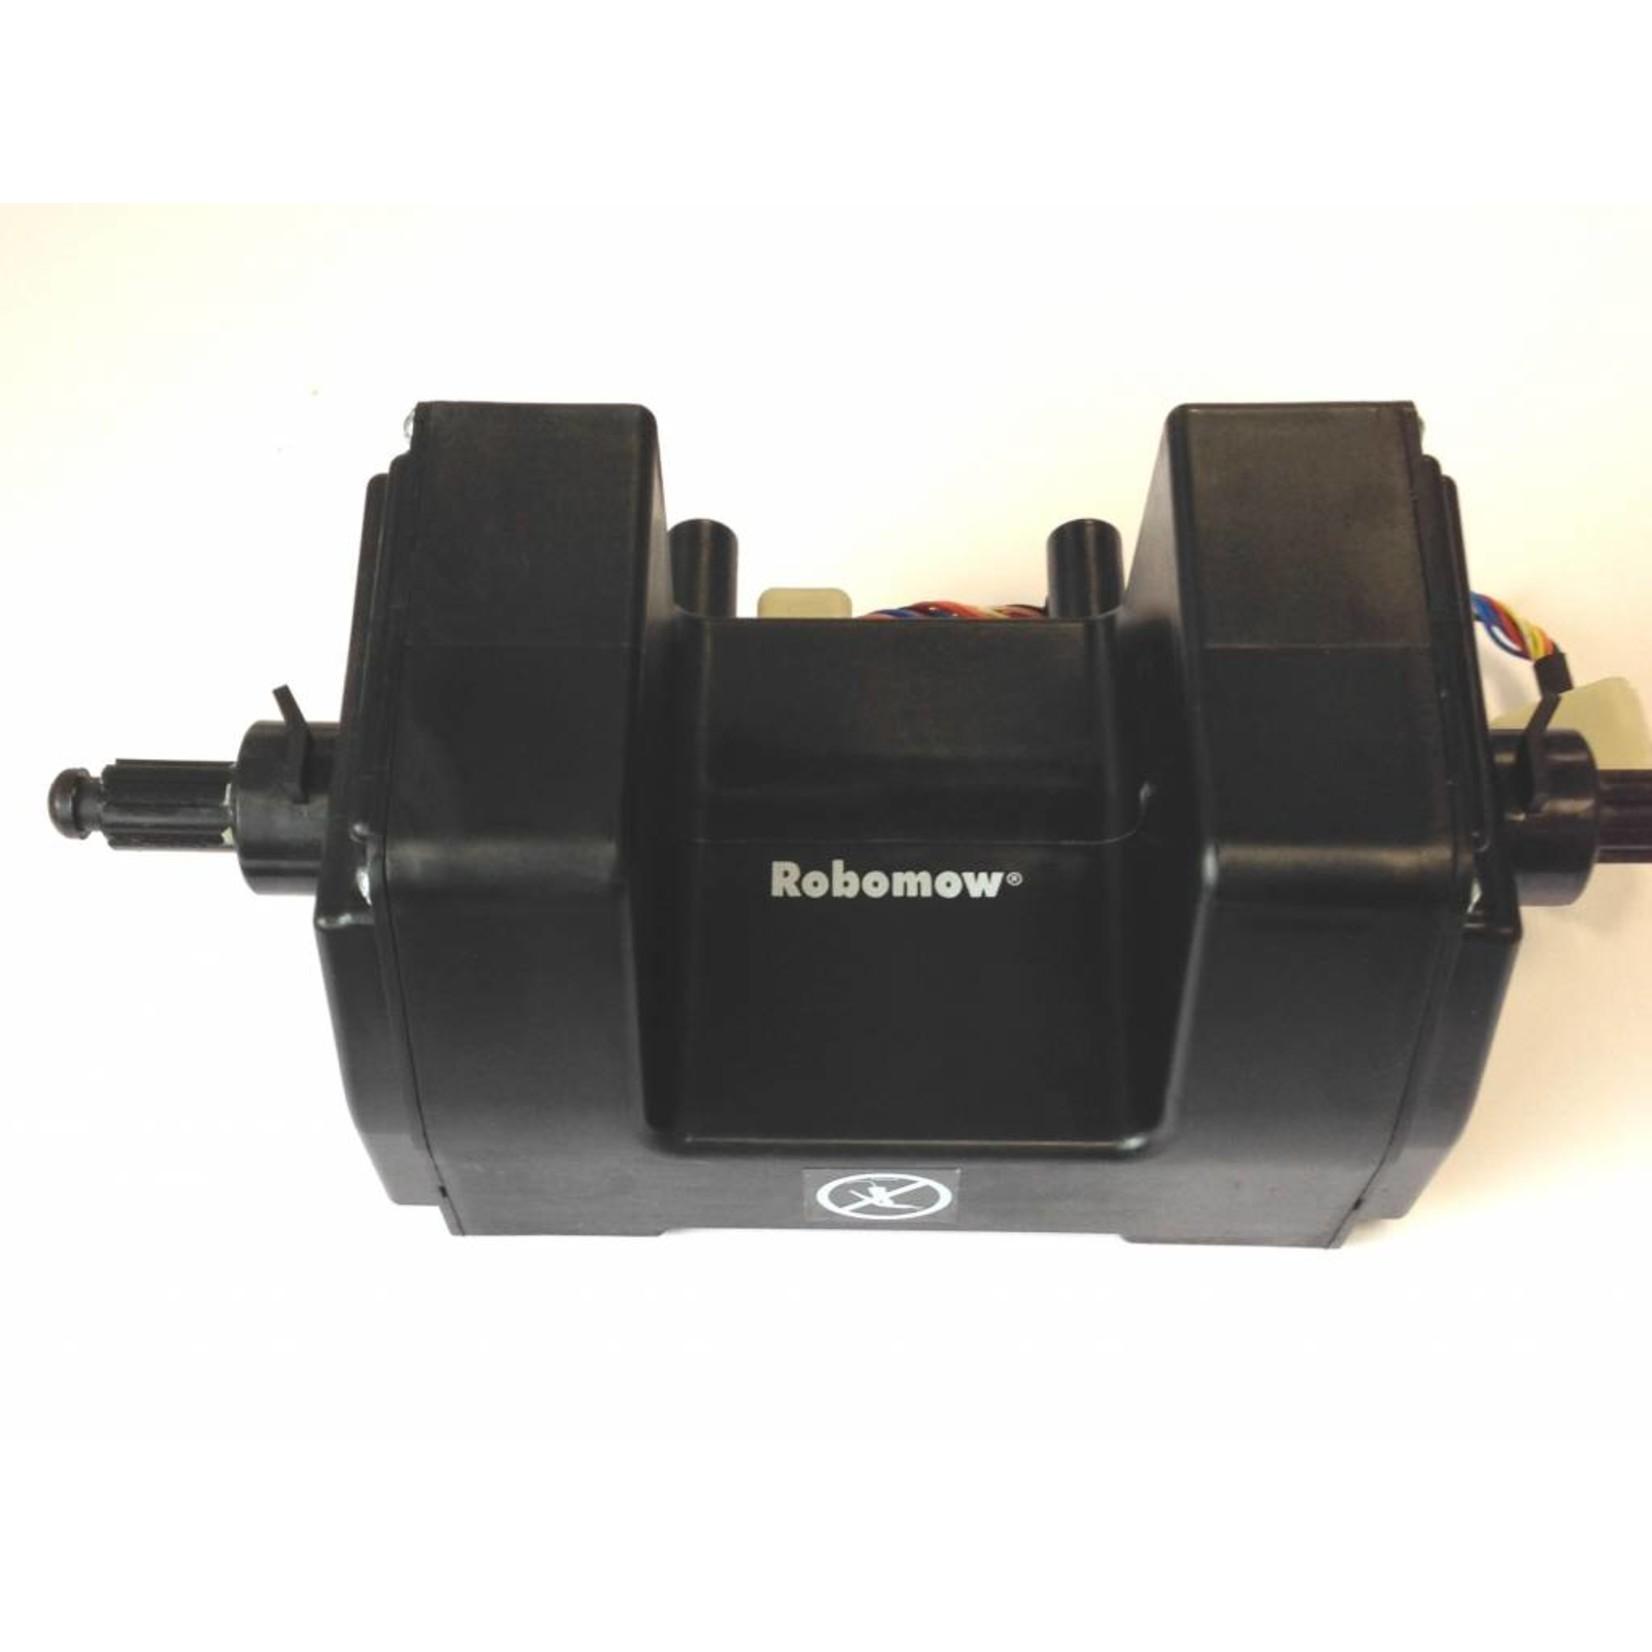 Robomow Robomow Drive Unit  Getriebe SMSB7106A